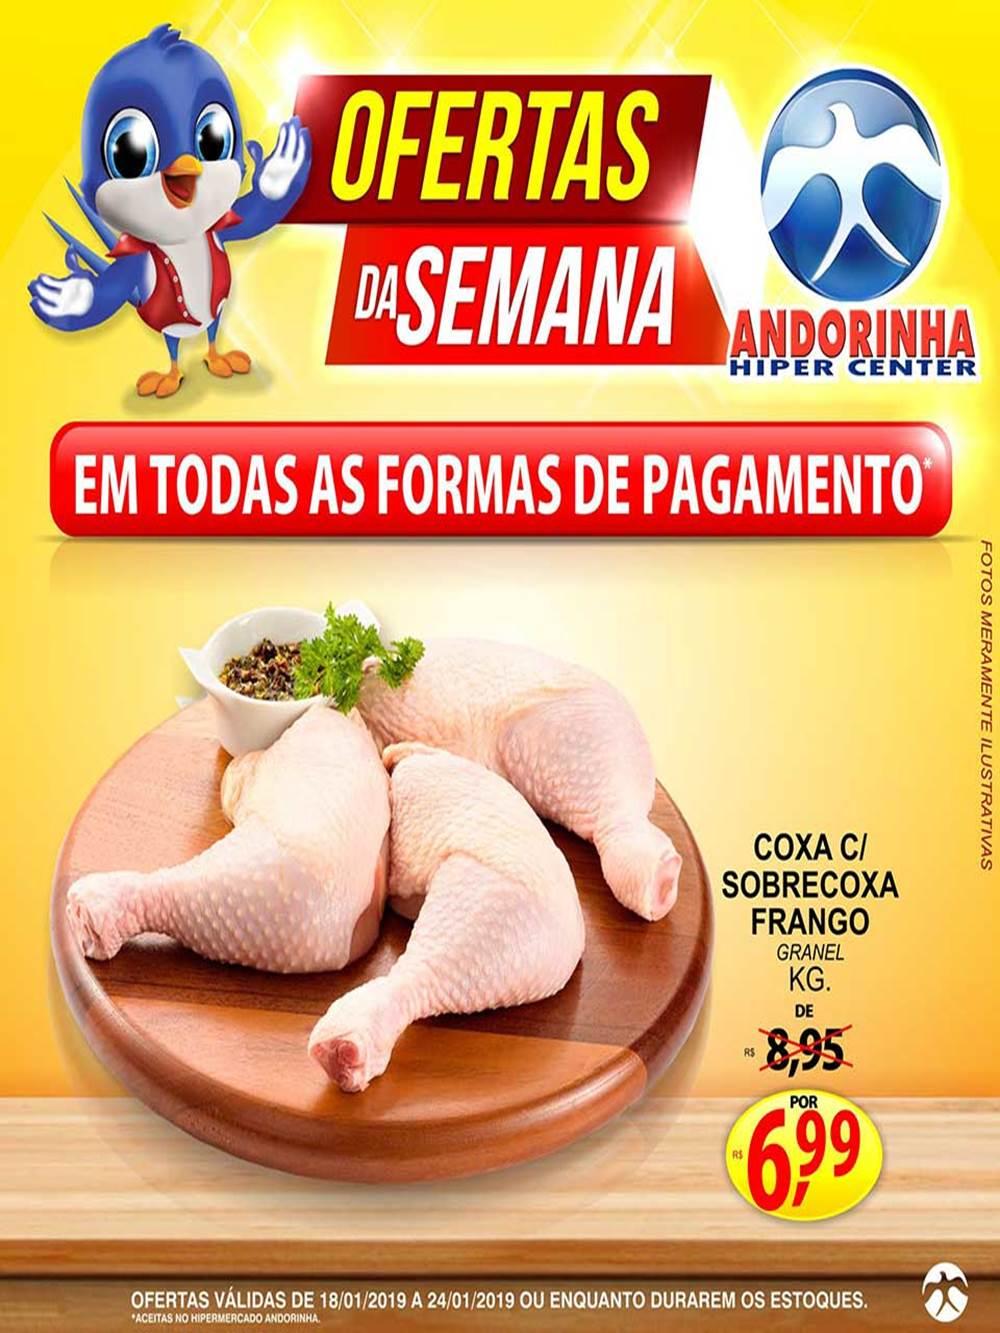 Oferta-andorinha5 Ofertas de Supermercados - Economize!